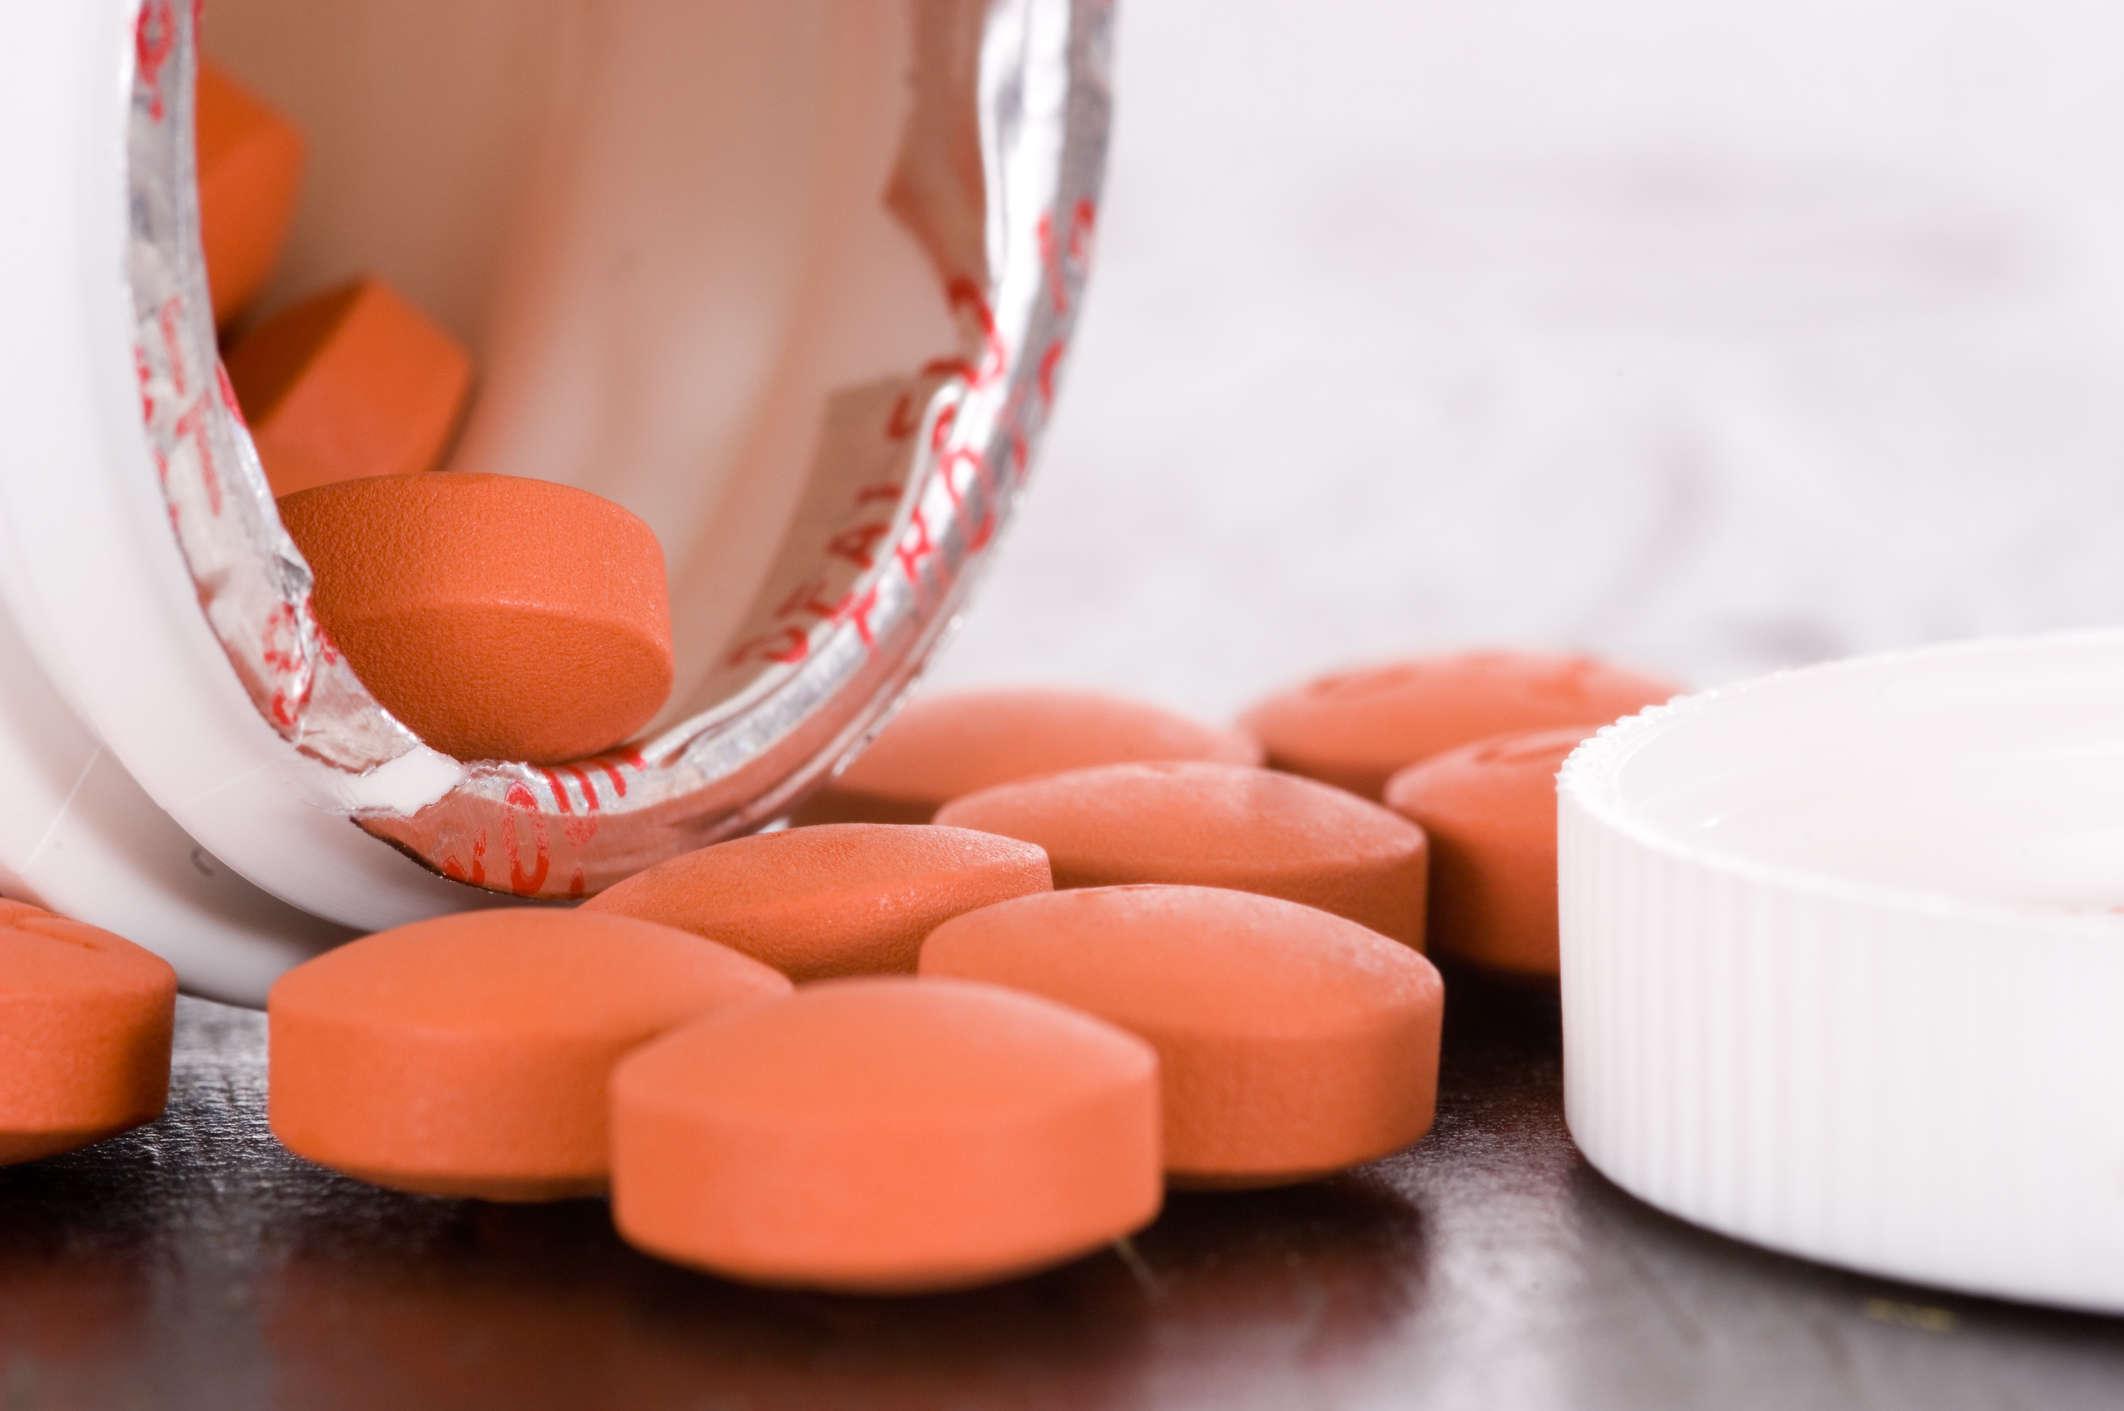 Ibuprofen safe, doesn't raise Covid death risk: Study